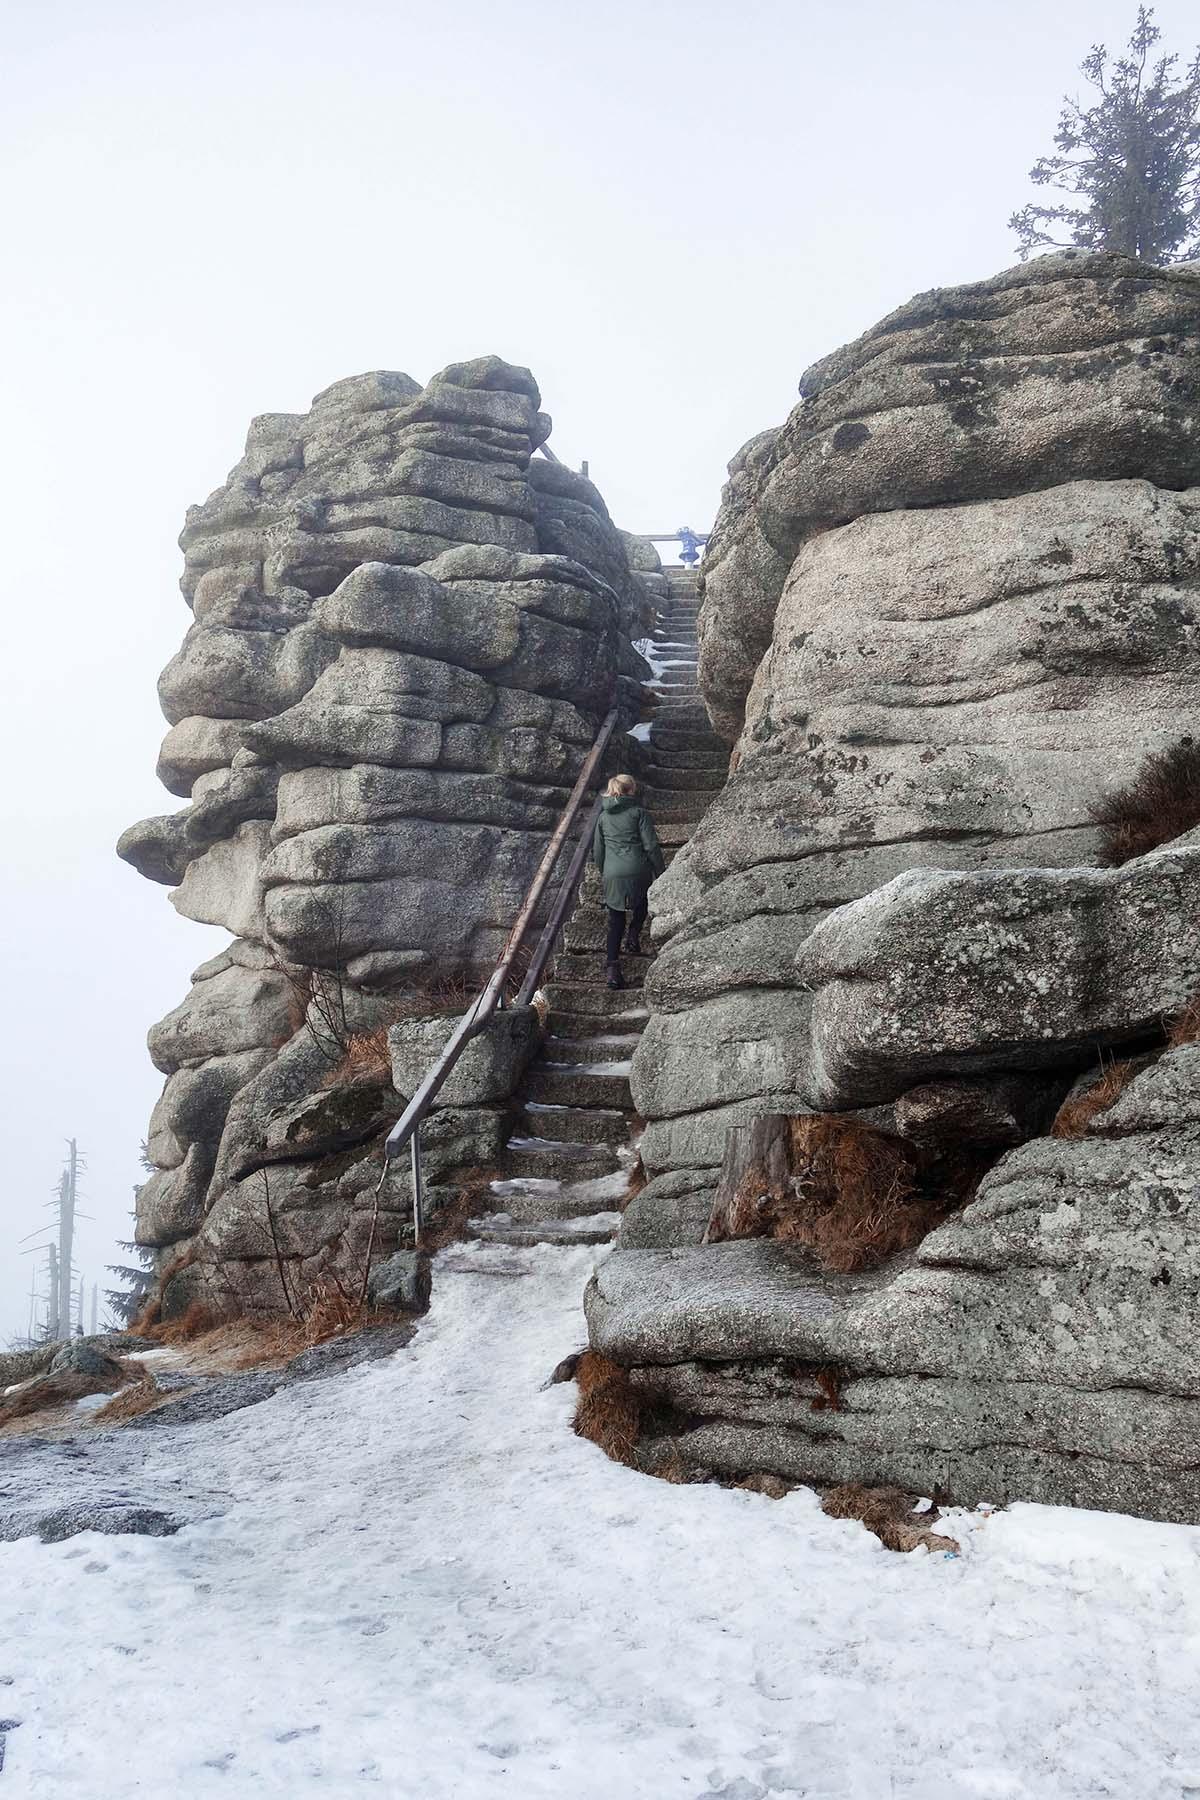 winterwanderung-dreisessel-hochstein-felsen-schnee-02